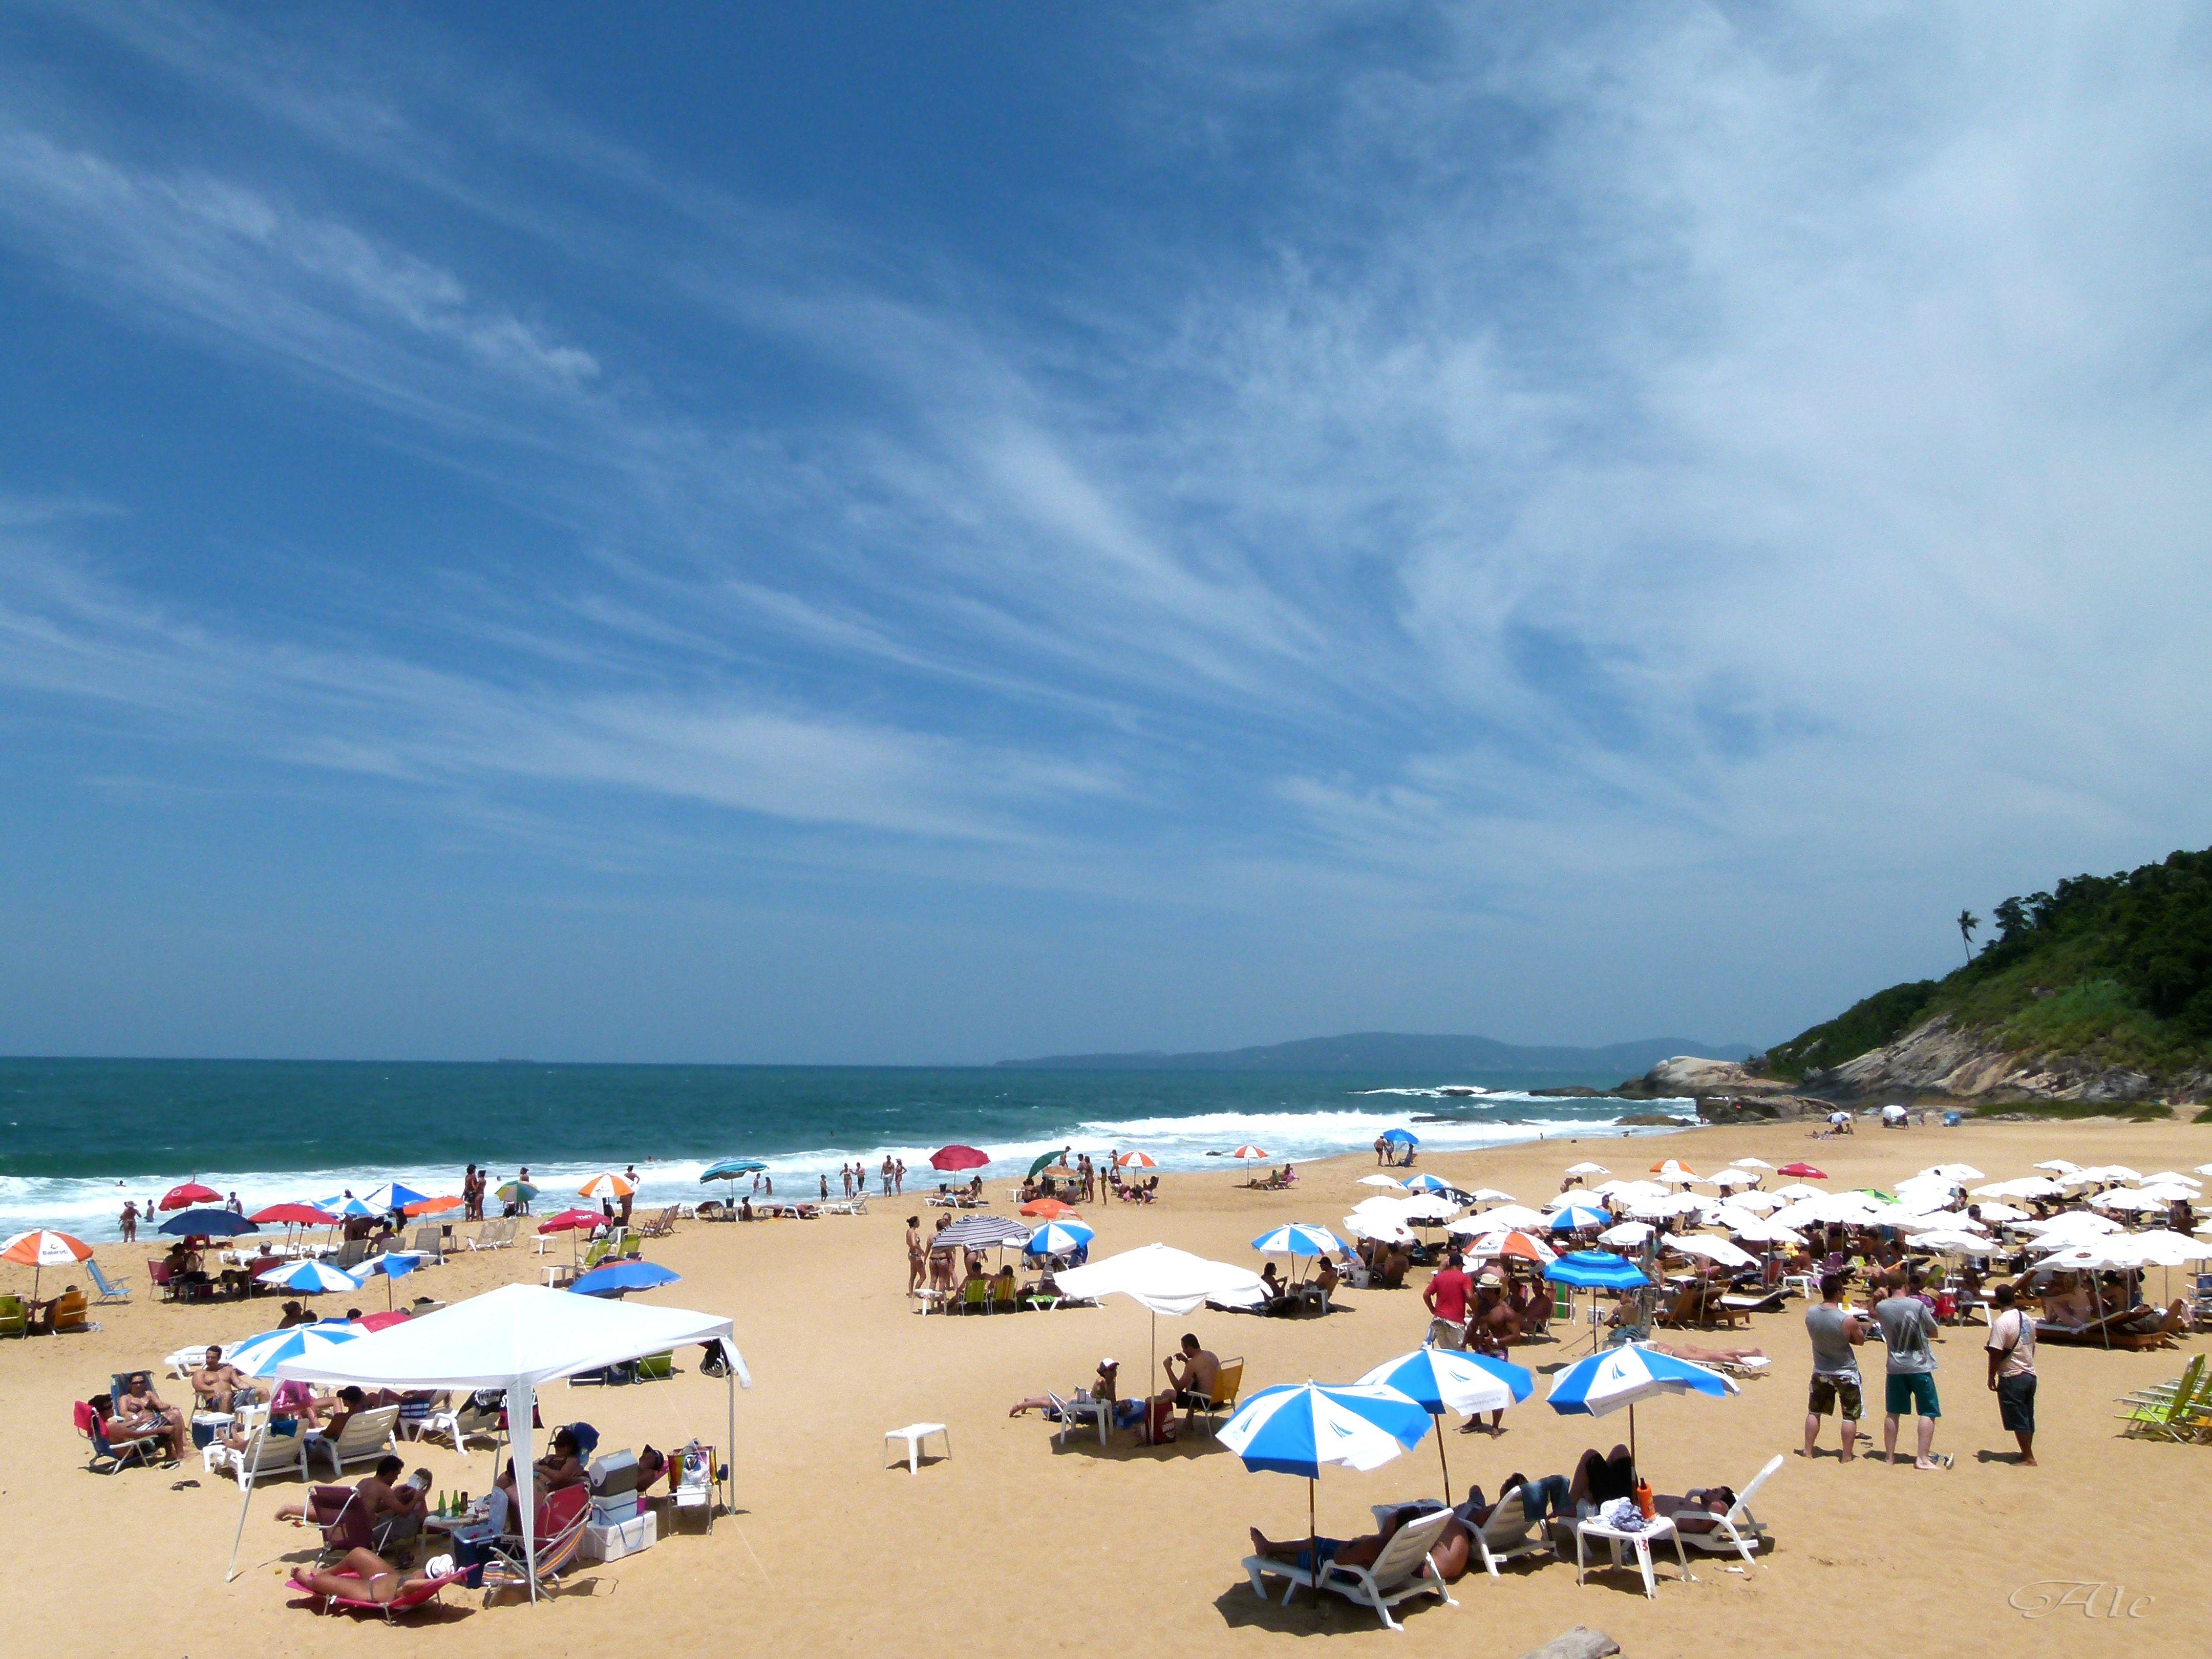 Praia do Estaleirinho, Balneário Camboriu, Santa Catarina. | Praia do  estaleiro, Balneário camboriú, Balneário